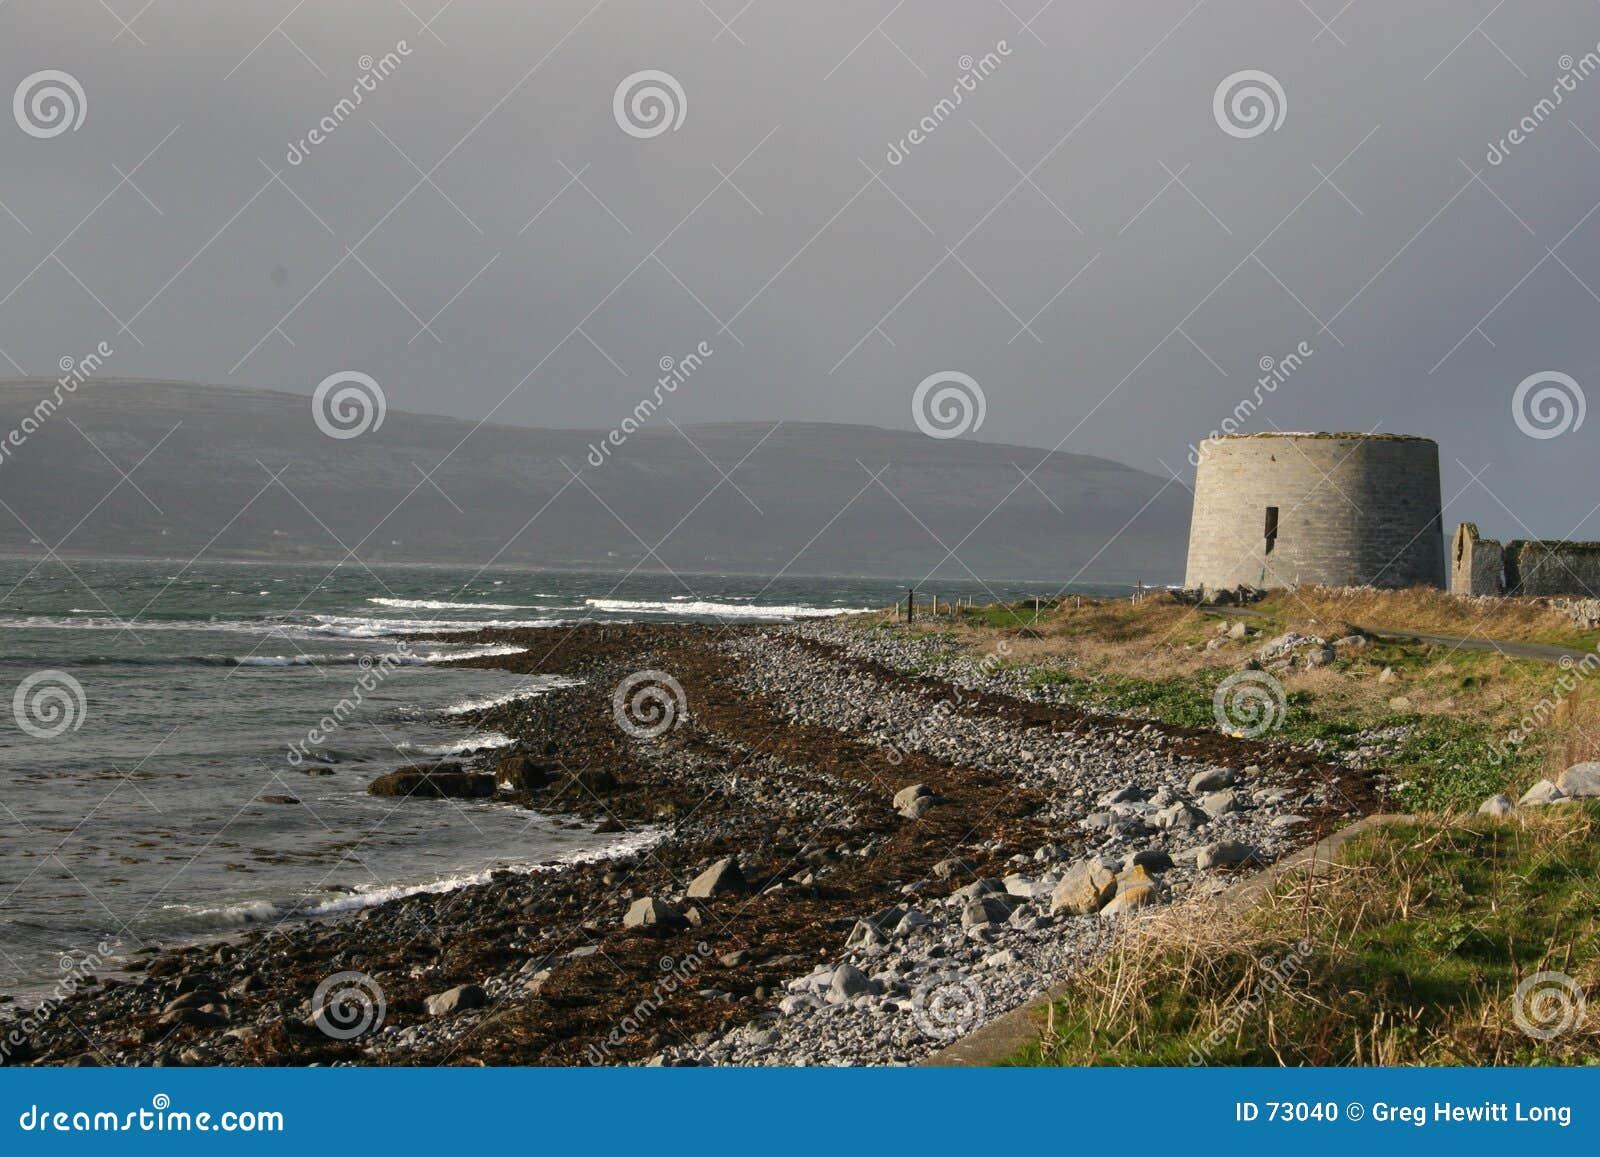 Condado Clare - janeiro 2005 - 01